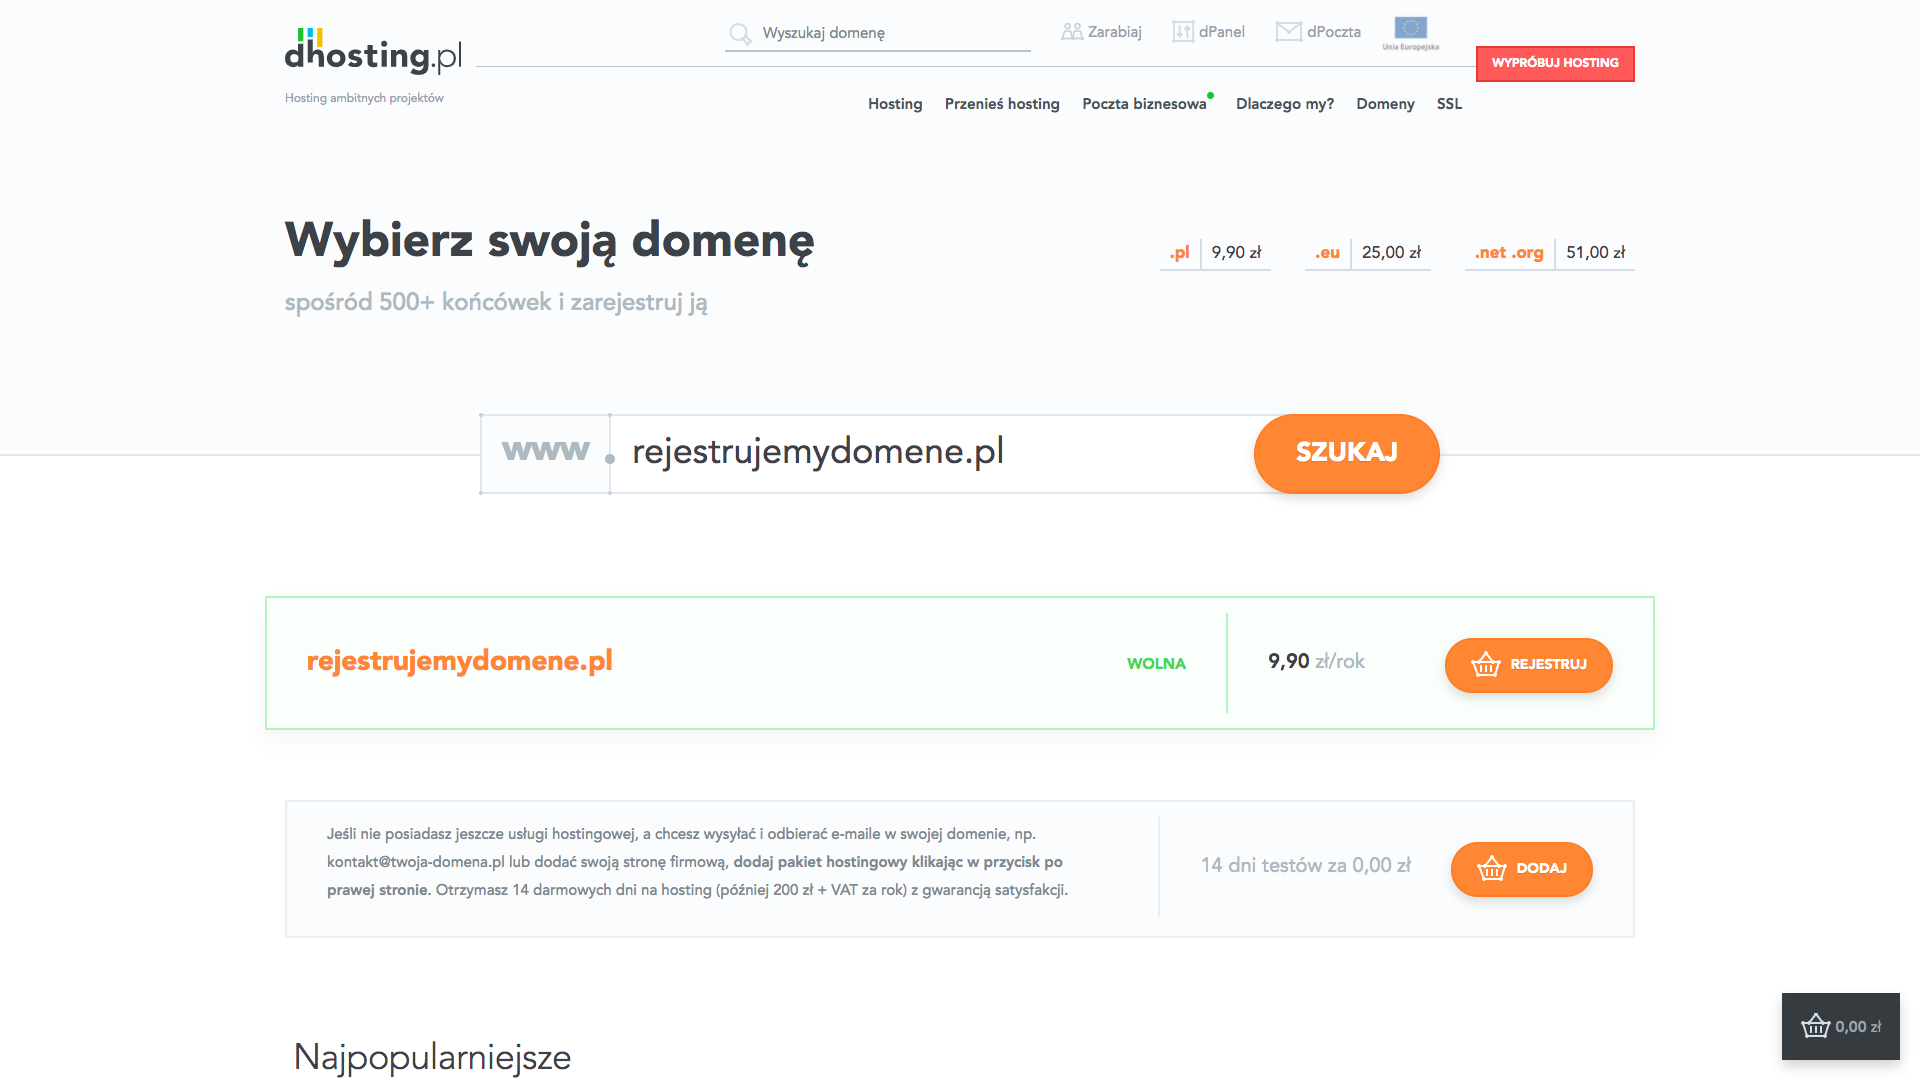 rejestracja domeny dhosting.pl